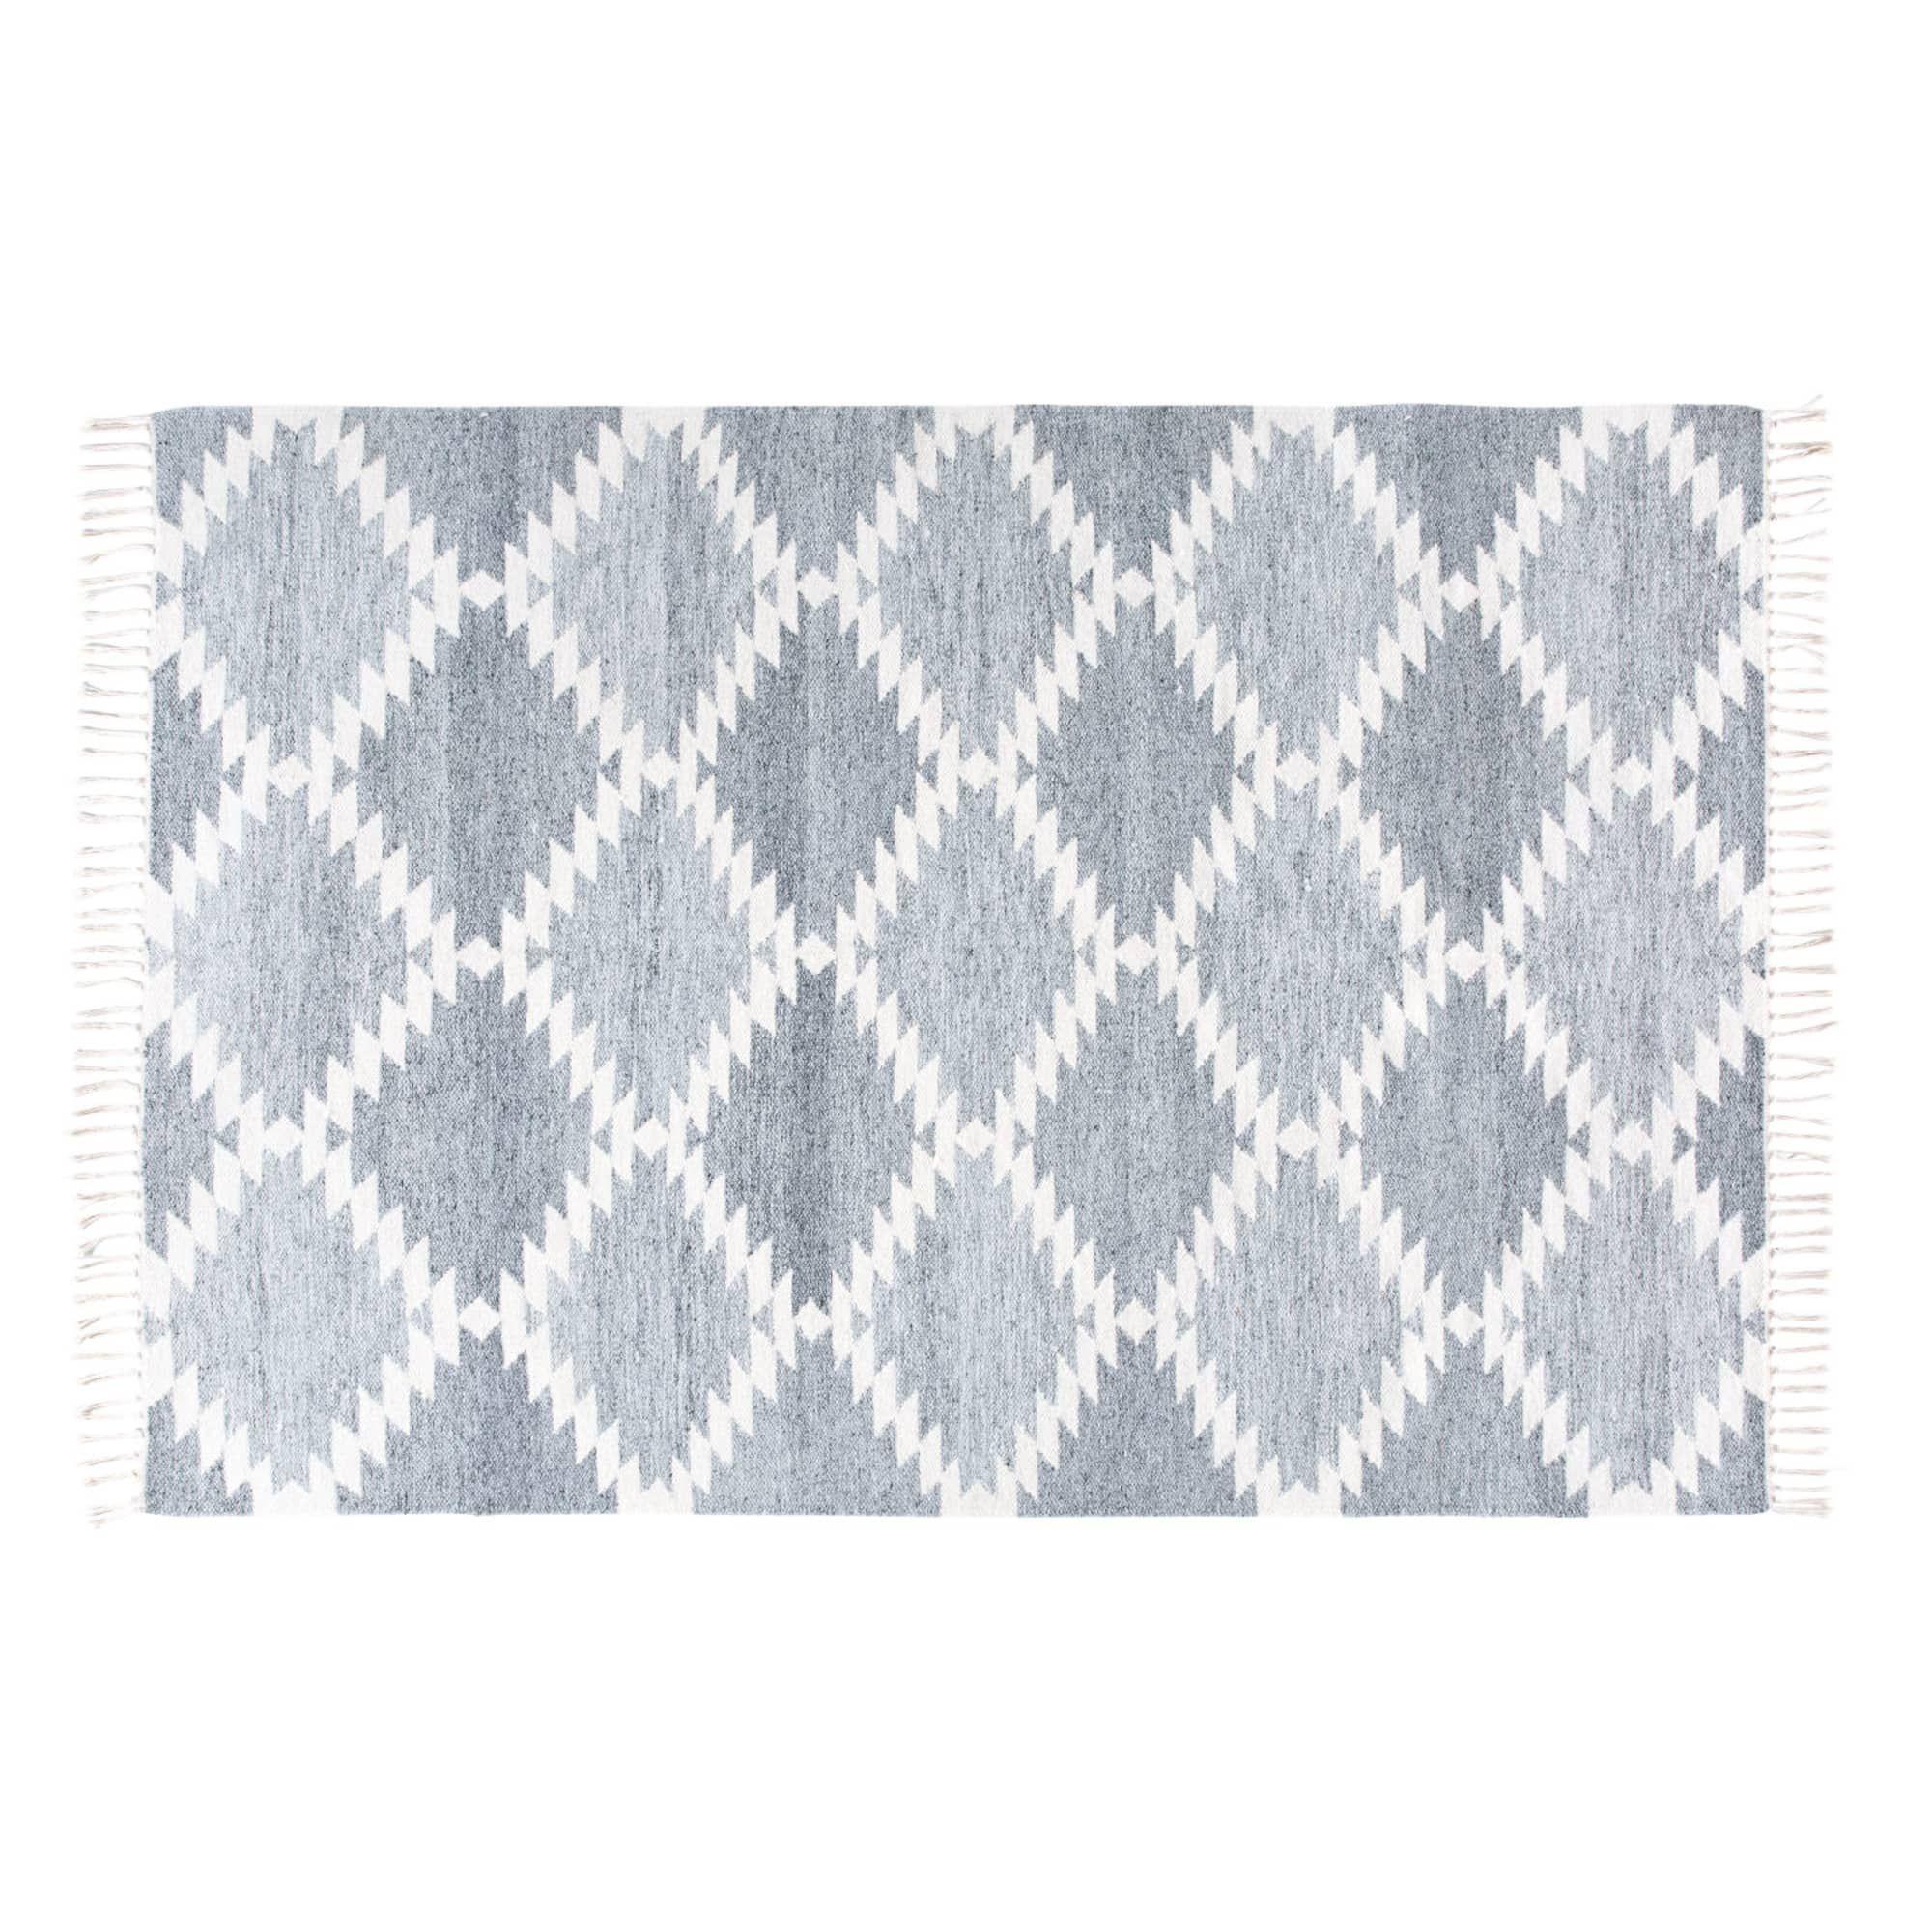 Woven Rug With Graphic Motifs 160x230 Gewobener Teppich Teppich Gemusterte Teppiche